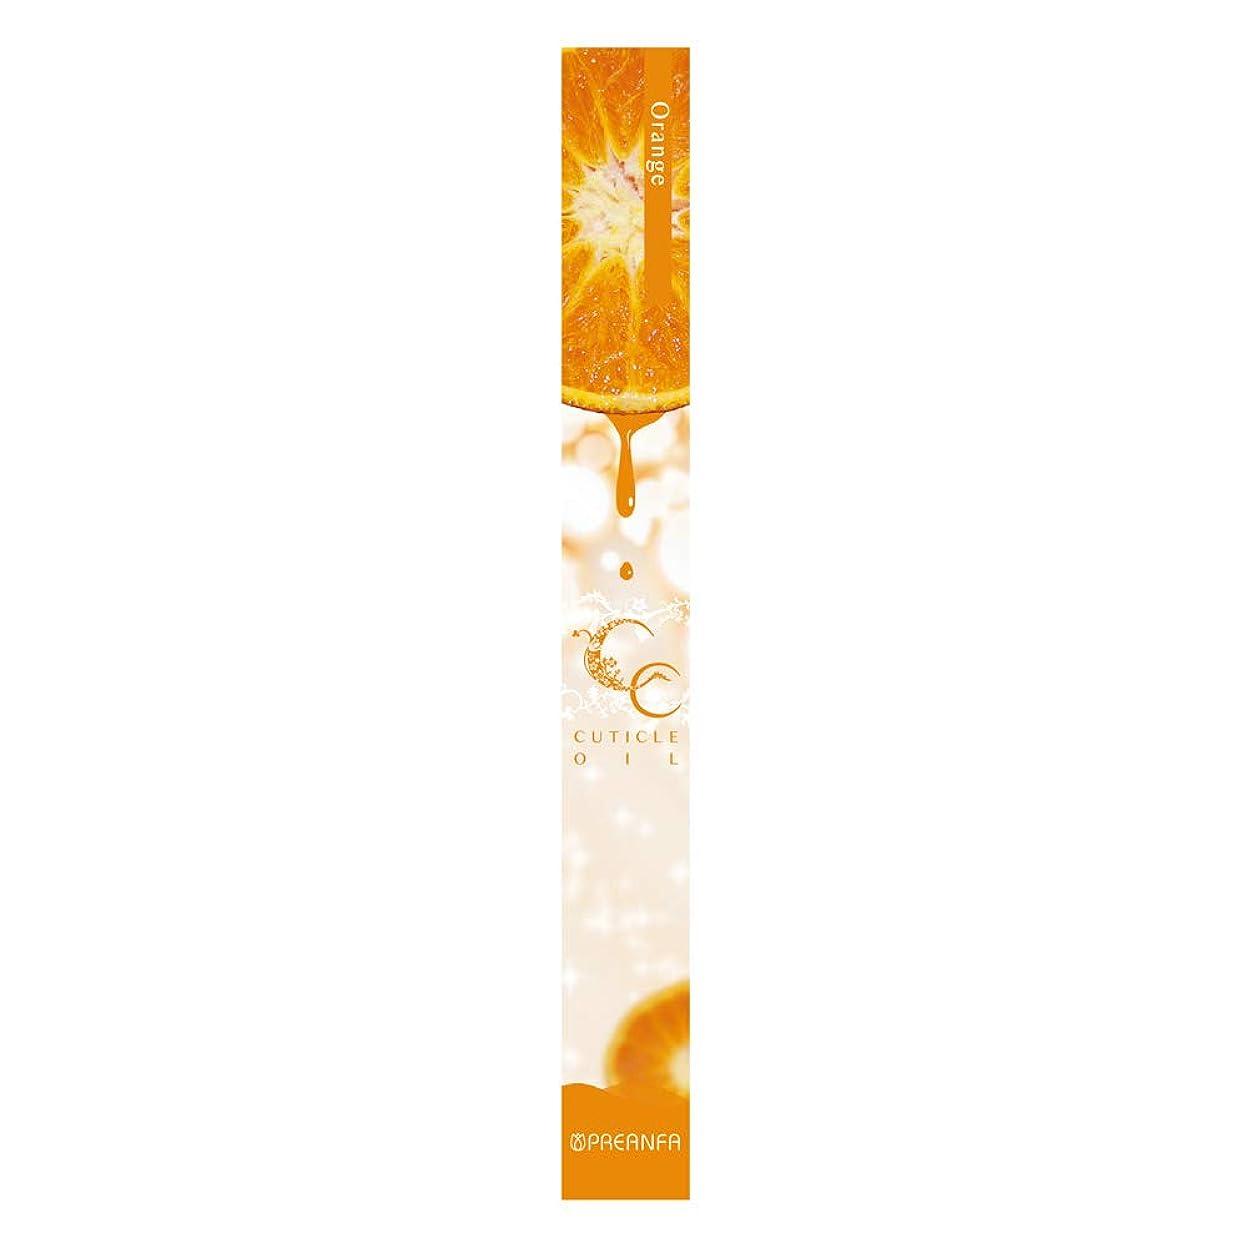 逆にこれら希望に満ちたプリジェル 甘皮ケア CCキューティクルオイル オレンジ 4.5g 保湿オイル ペンタイプ